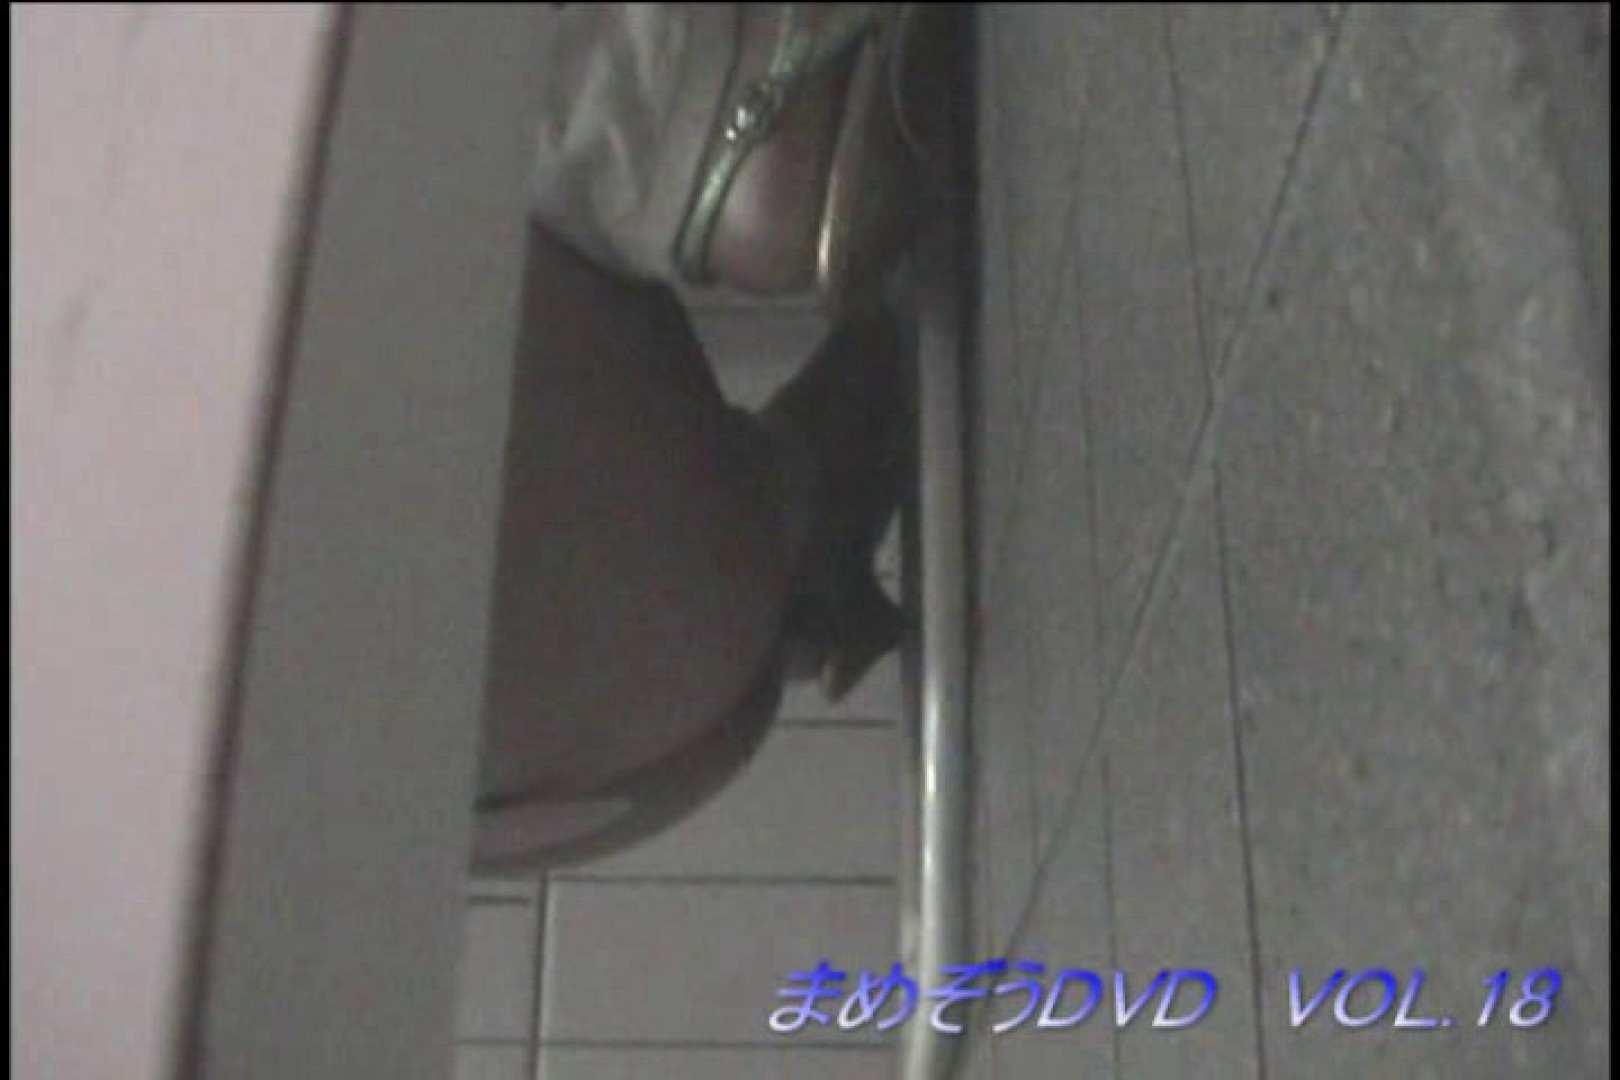 まめぞうDVD完全版VOL.18 ギャル盗撮映像   OLのボディ  76PIX 37